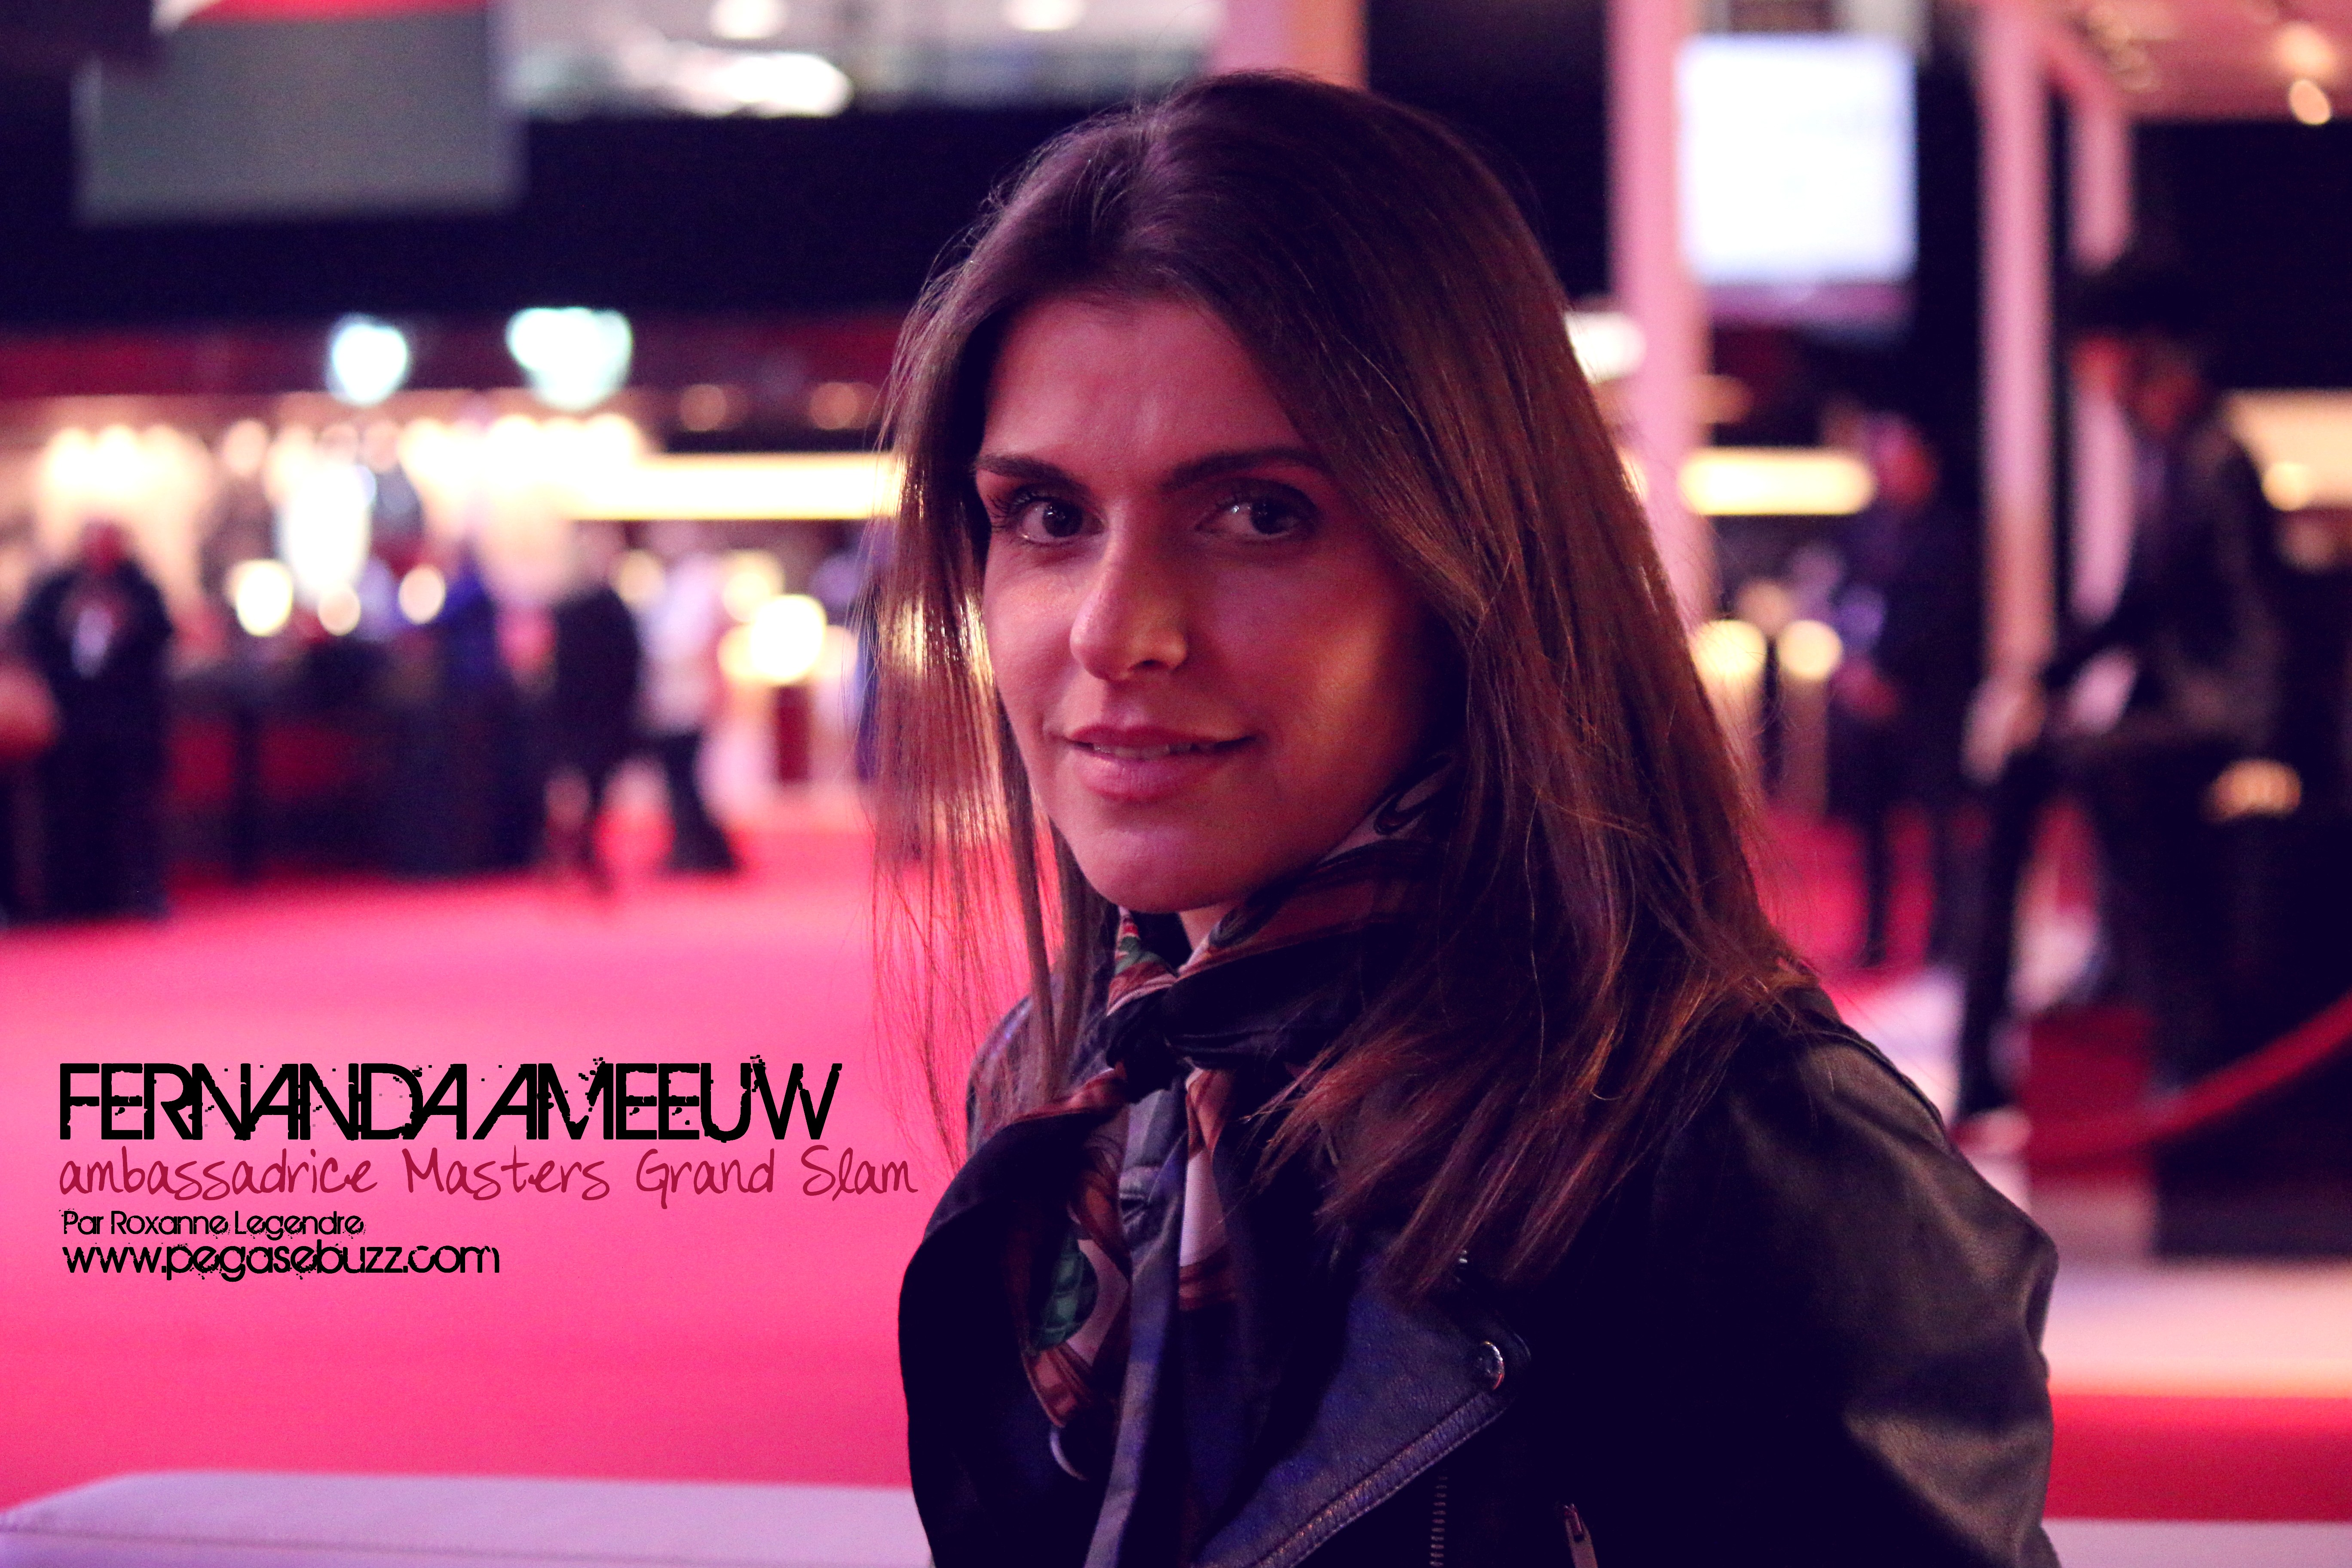 Fernanda Ameeuw